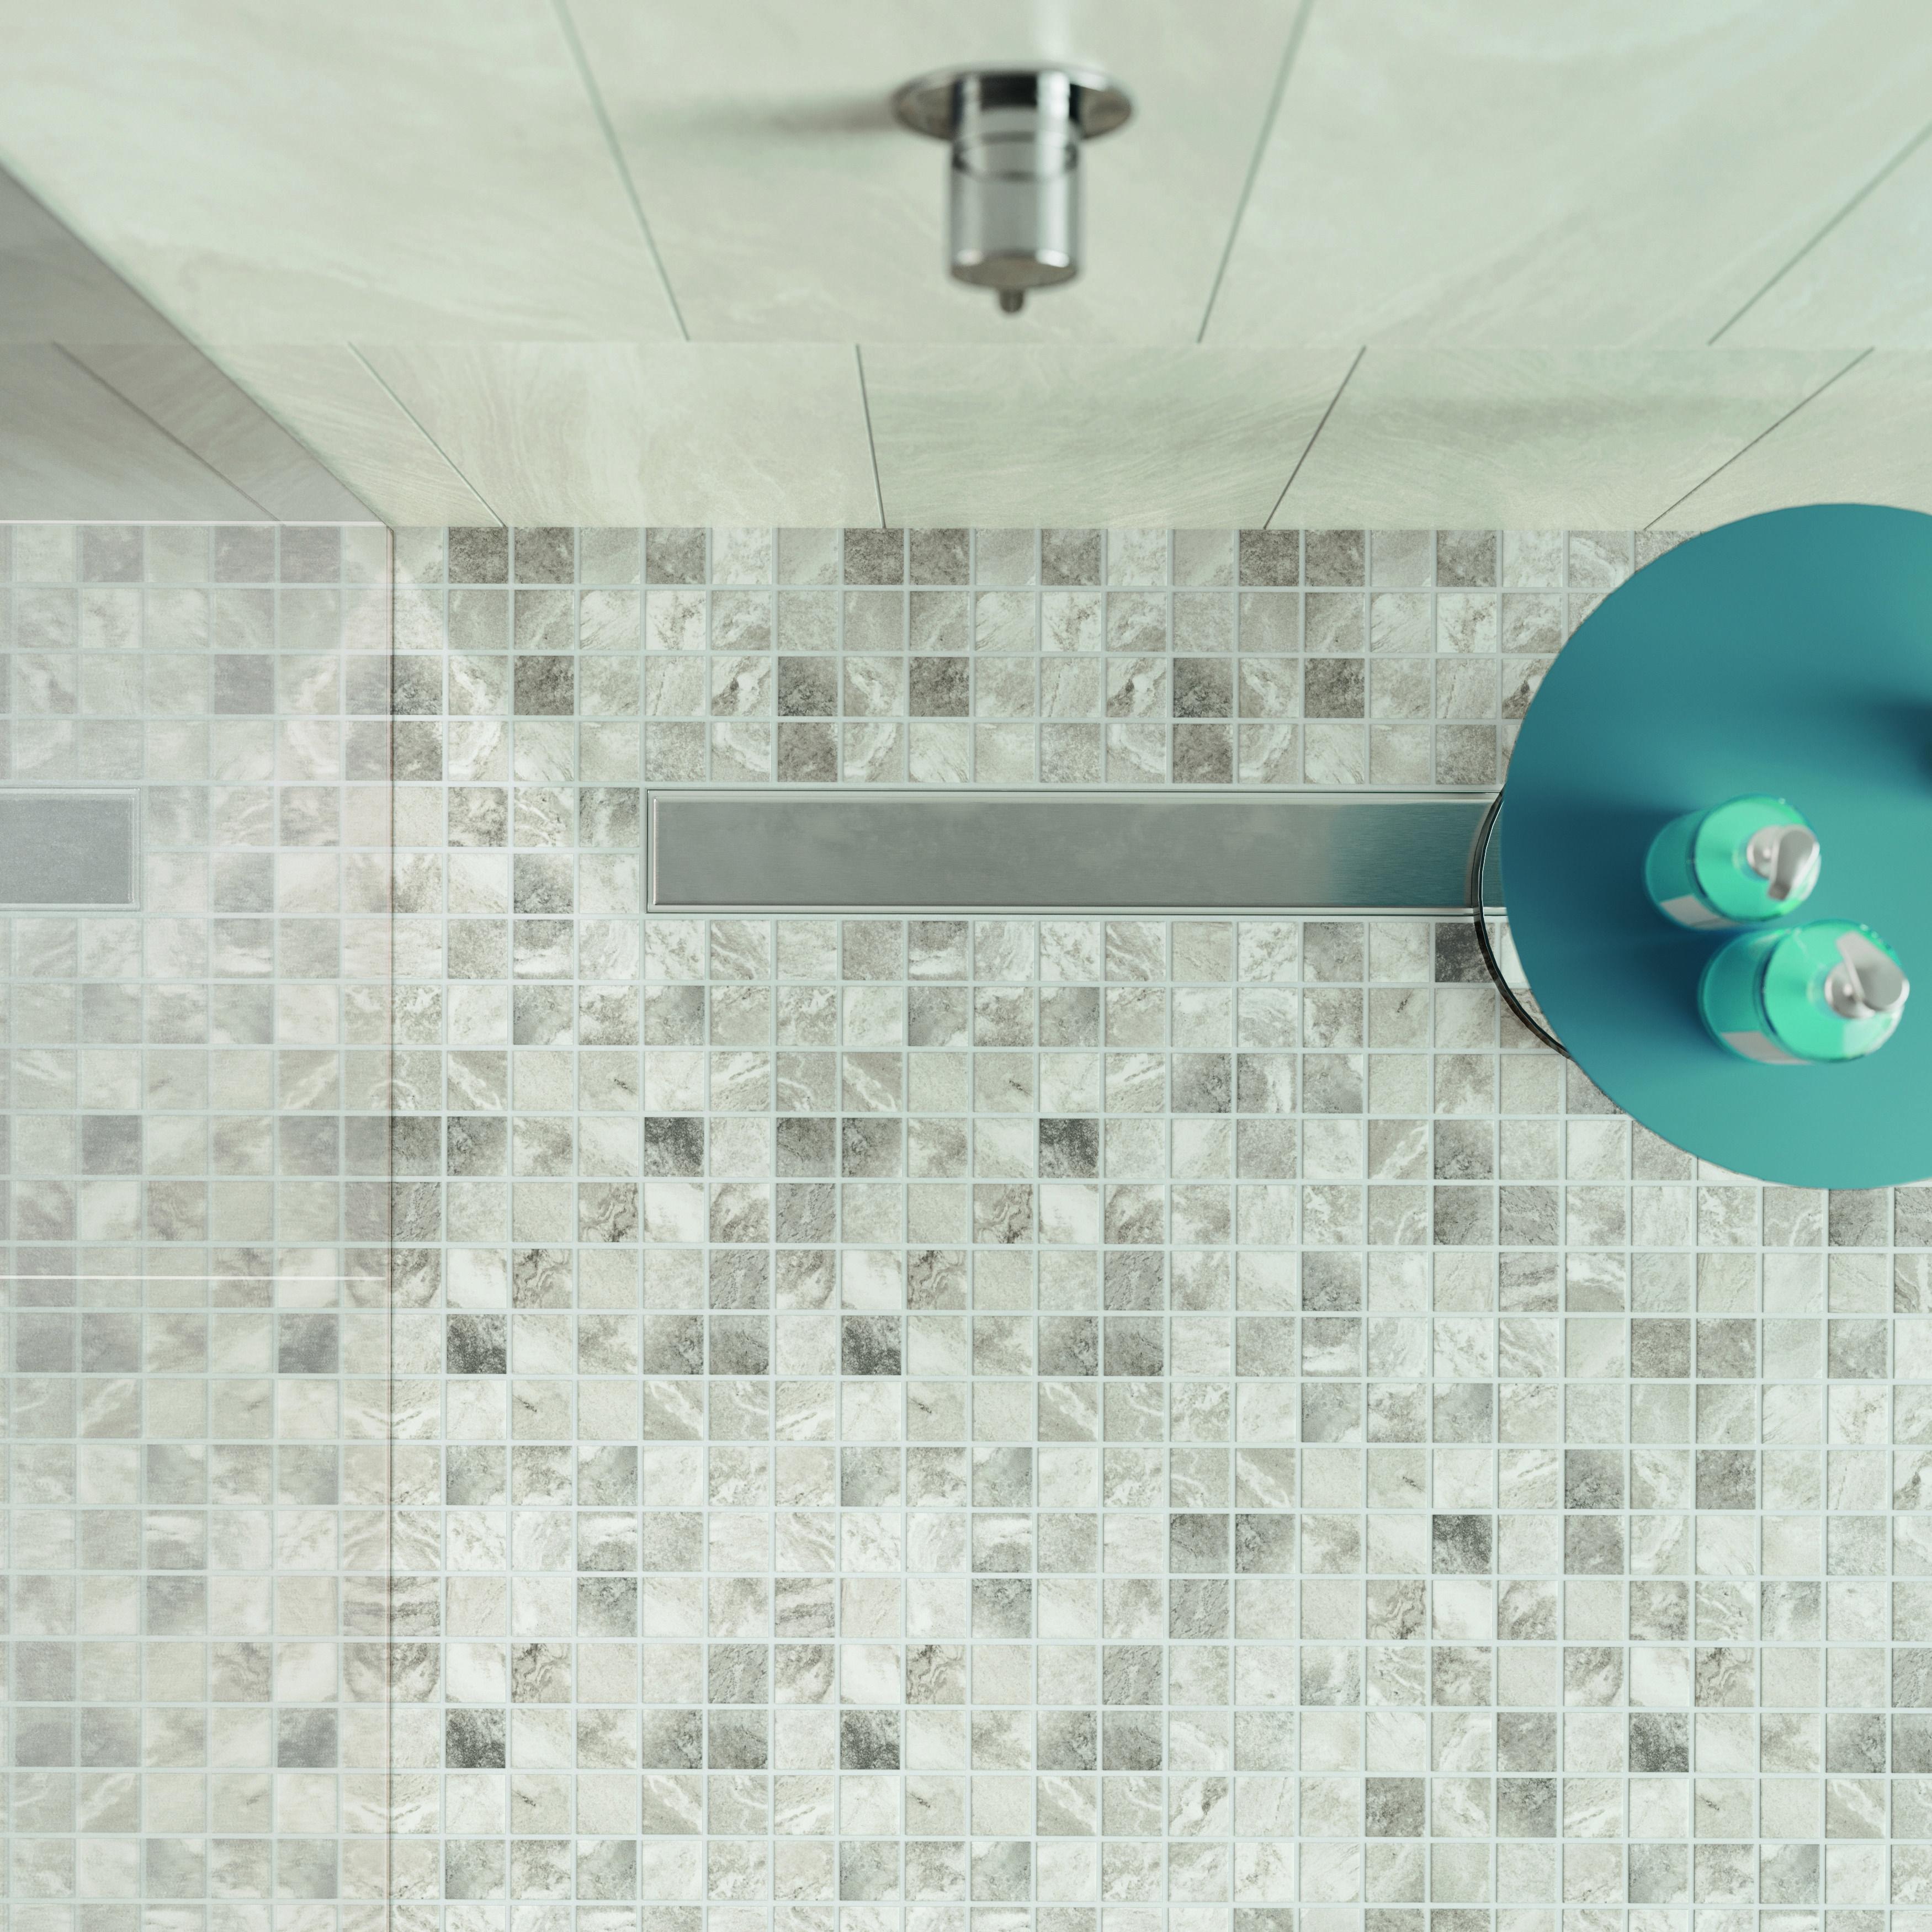 Verflieste Duschbereiche ermöglichen es, den vorhandenen